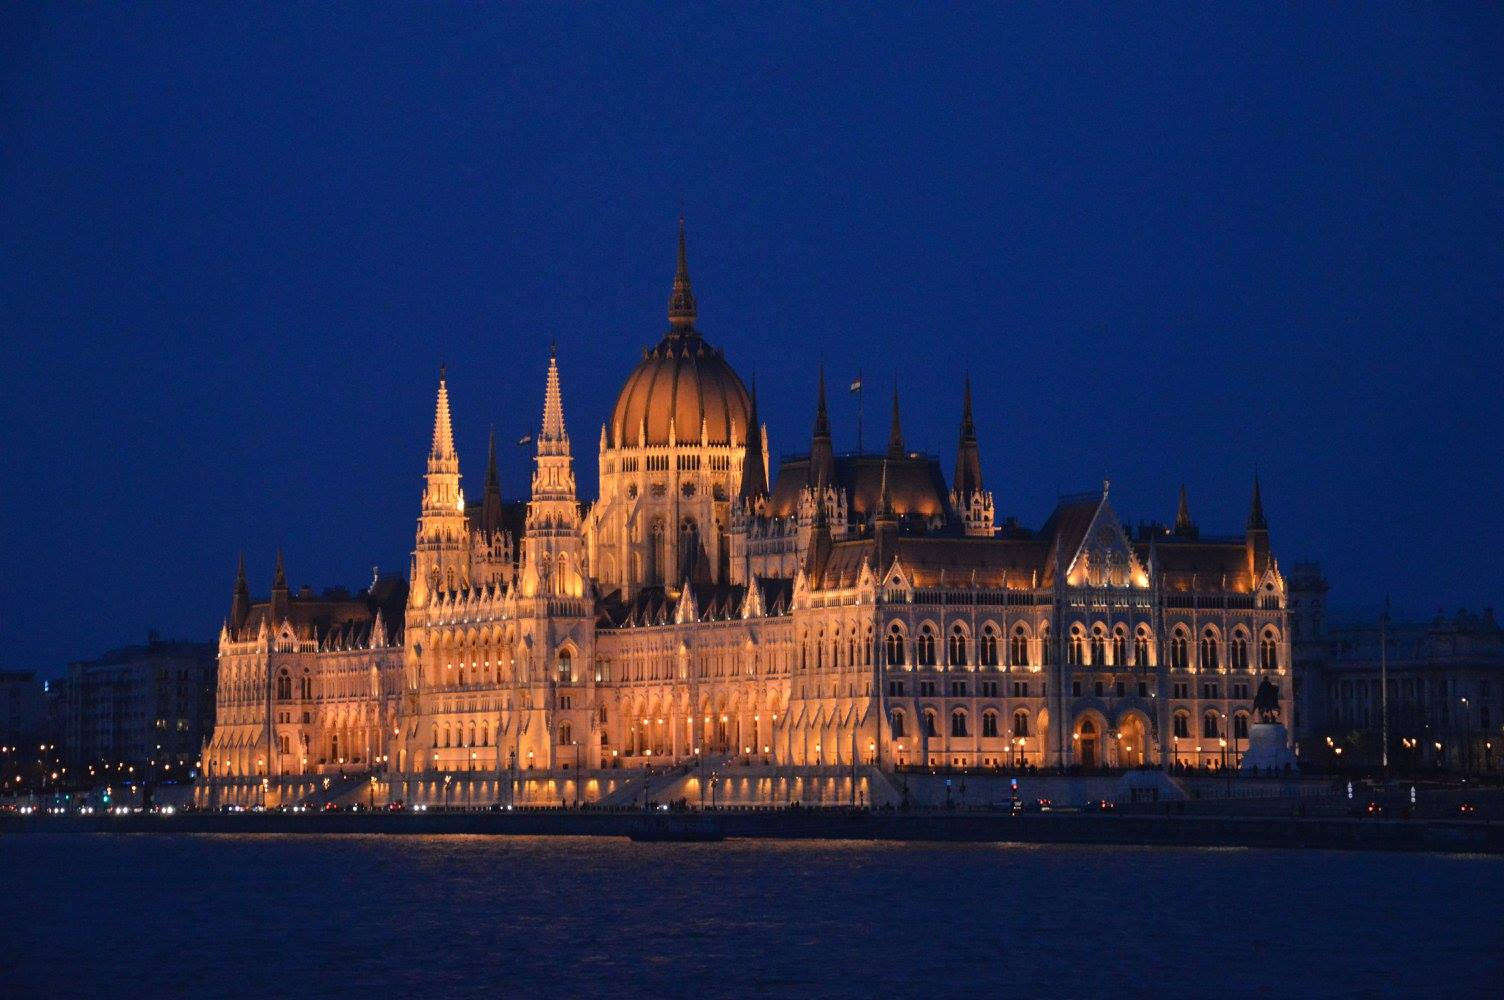 Parlamento di sera